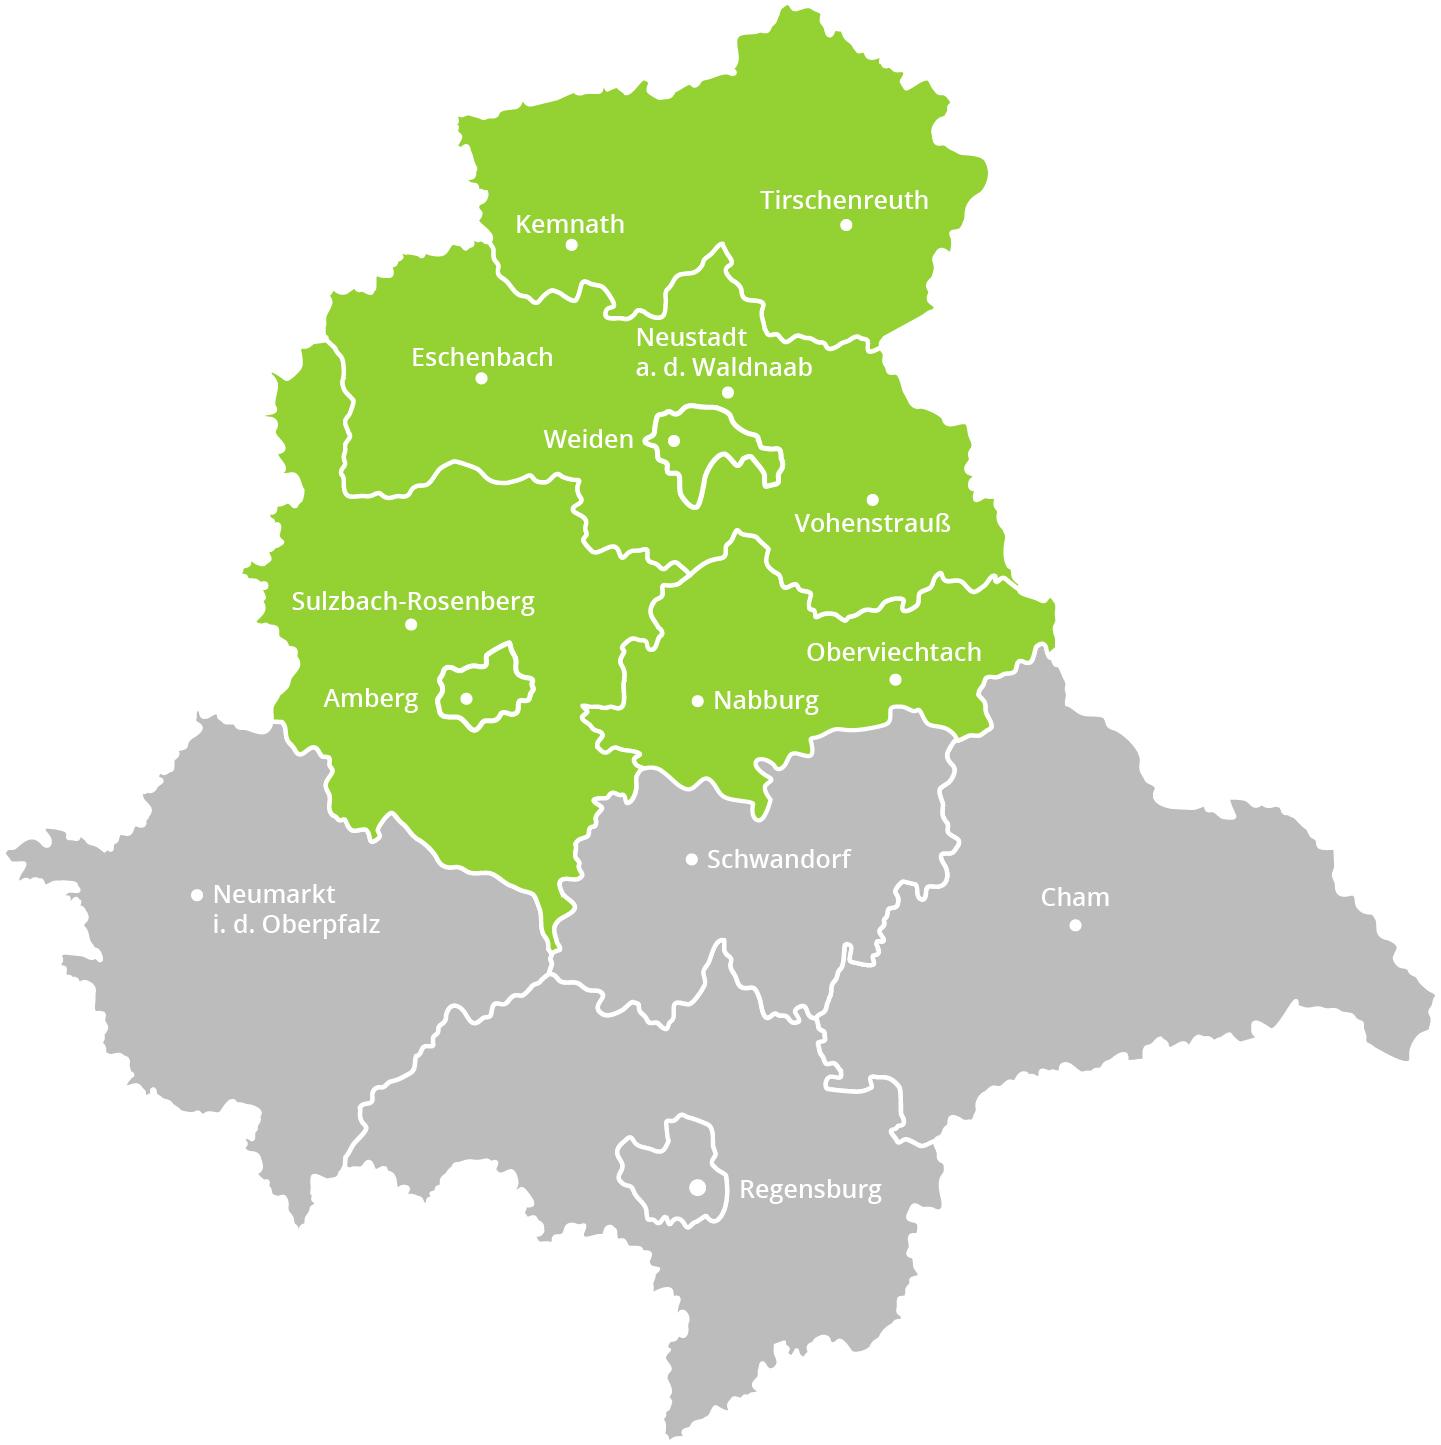 Karte der Oberpfalz mit grün markiertem Gebiet, wo die Verteilung der Oberpfälzer Wochenzeitung von Oberpfalz Medien erfolgt.